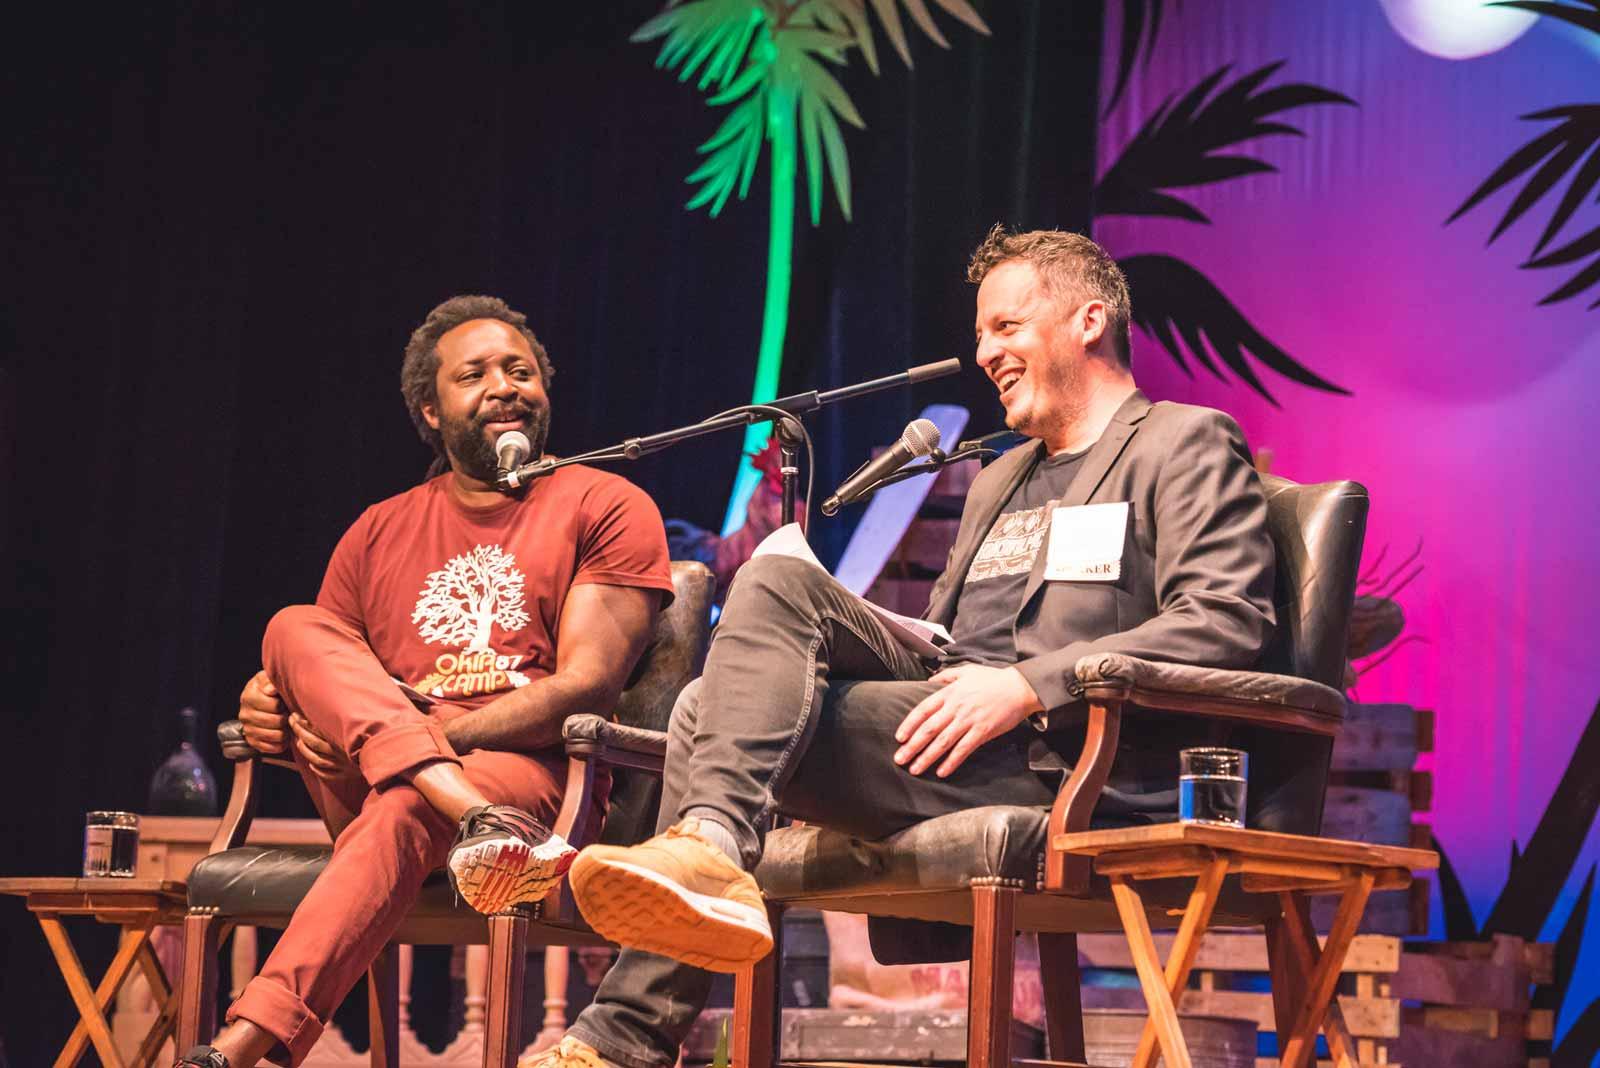 Marlon James and Joshua Jelly-Schapiro at the 2018 Key West Literary Seminar: